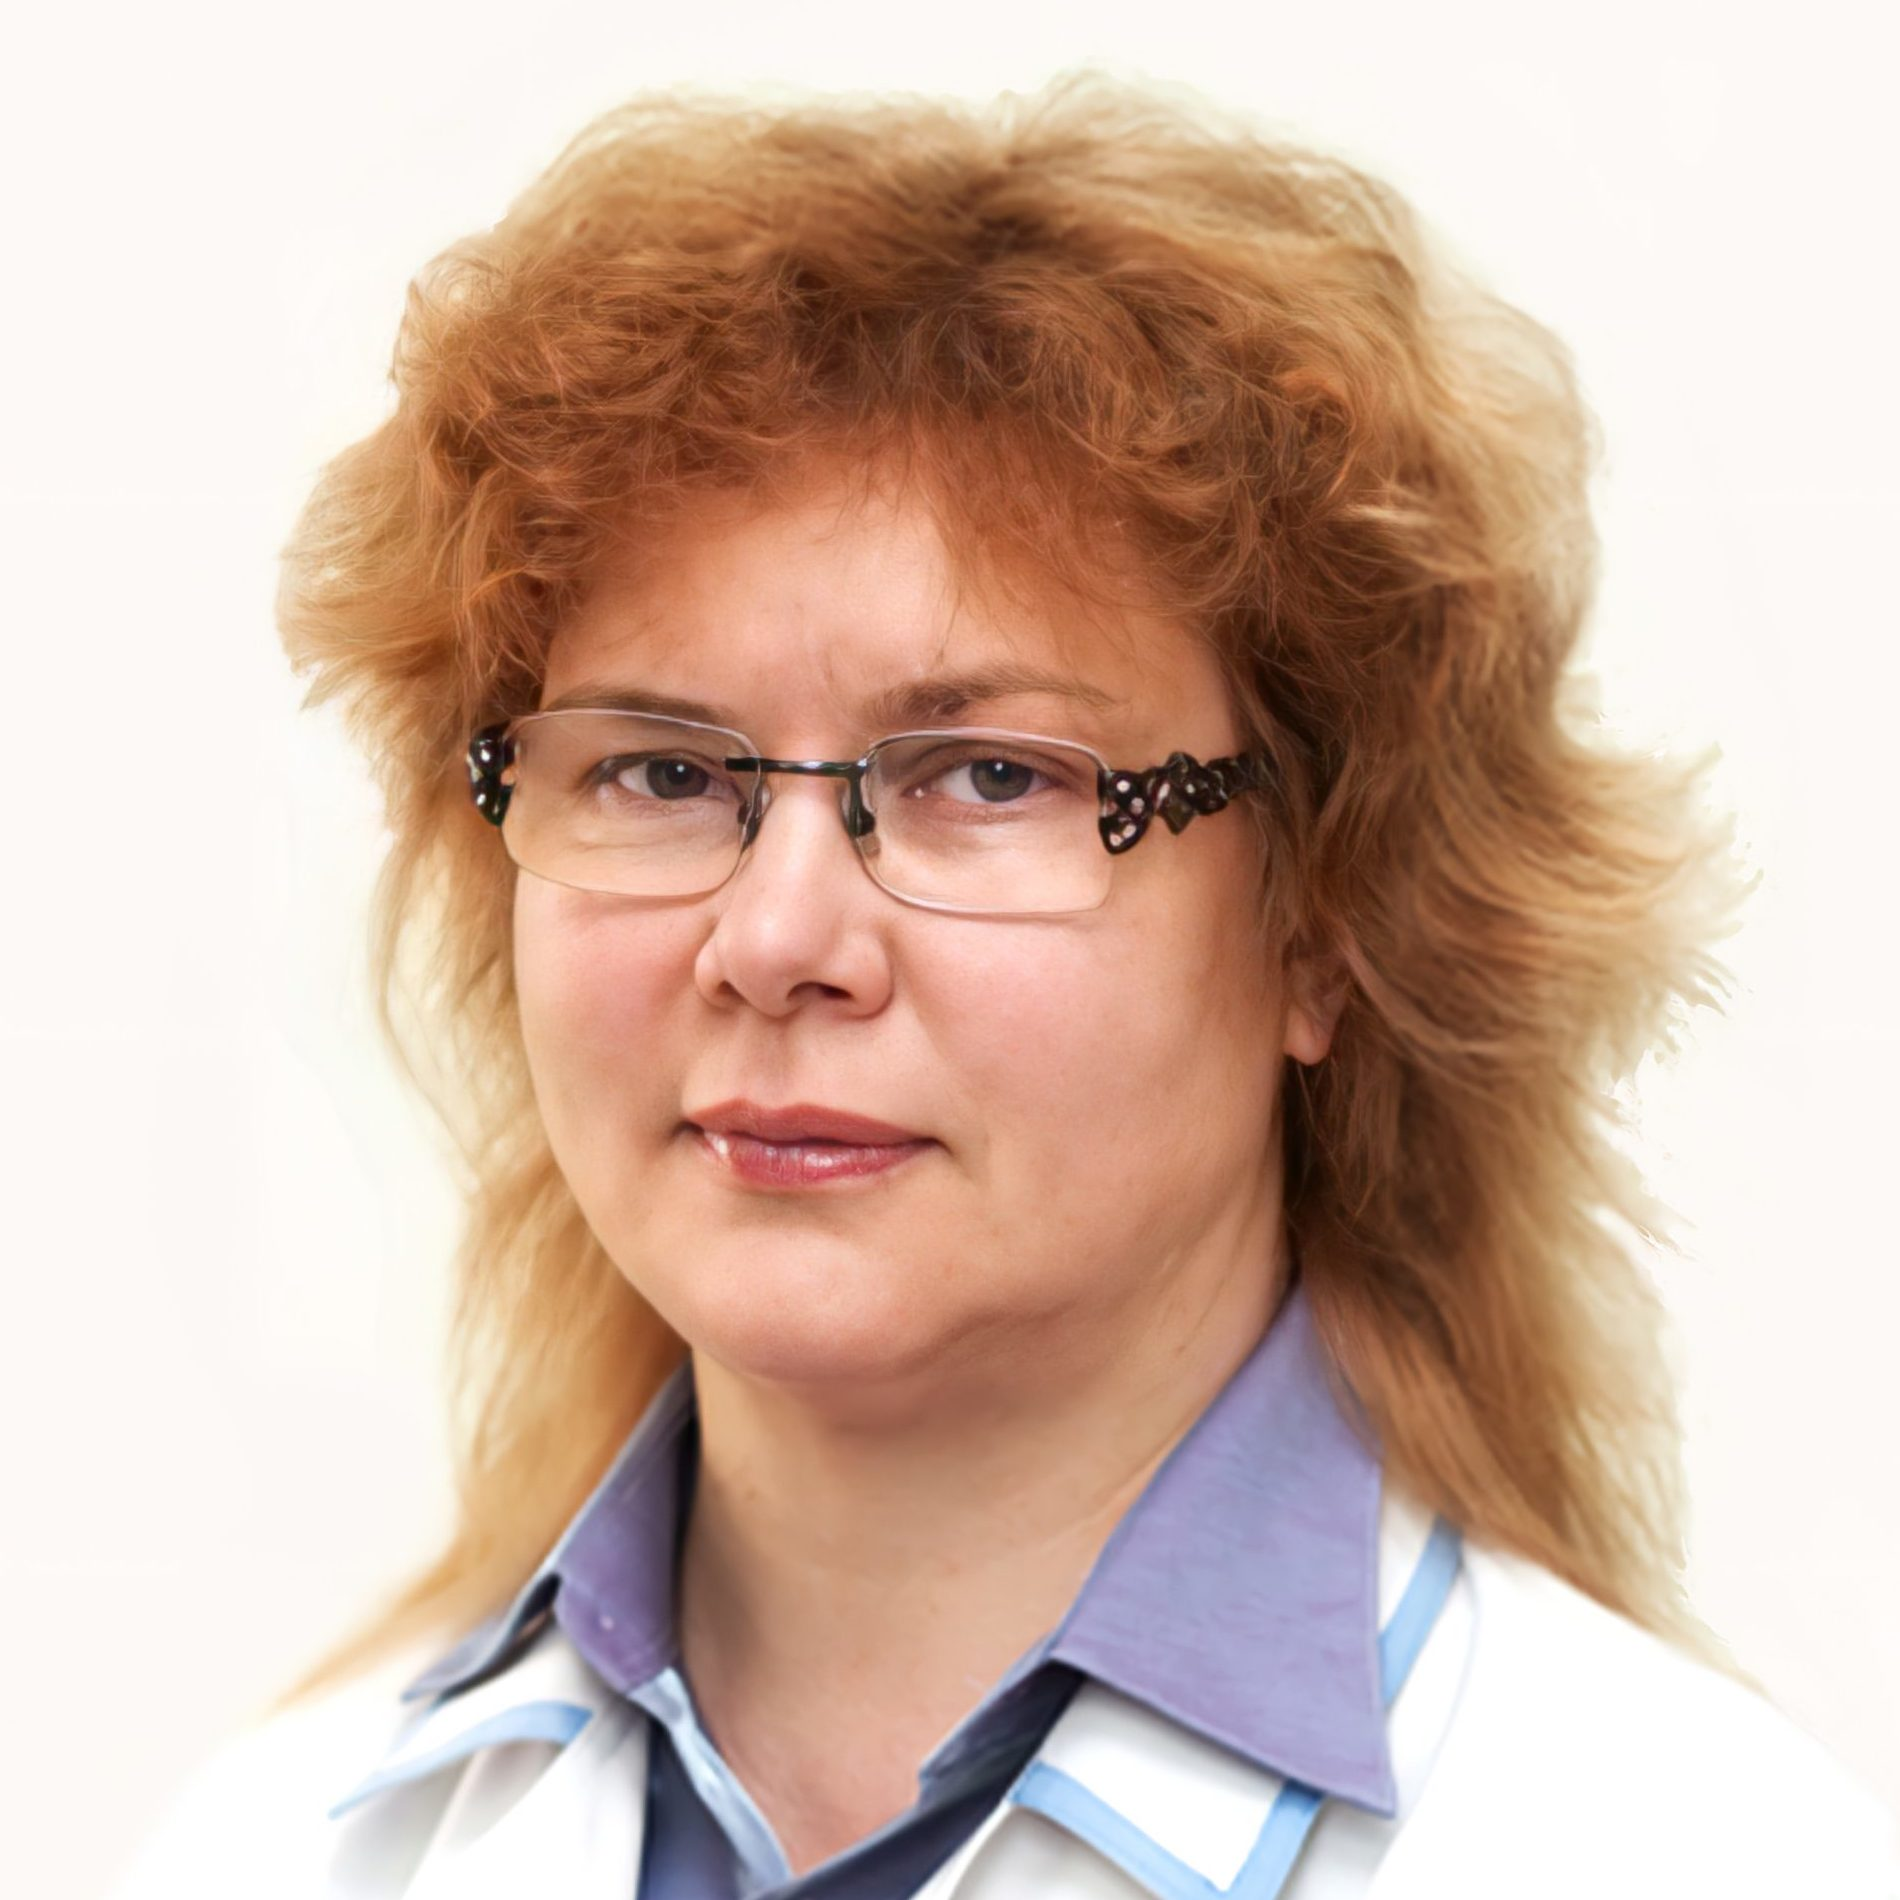 Шестовских Ольга Леонидовна